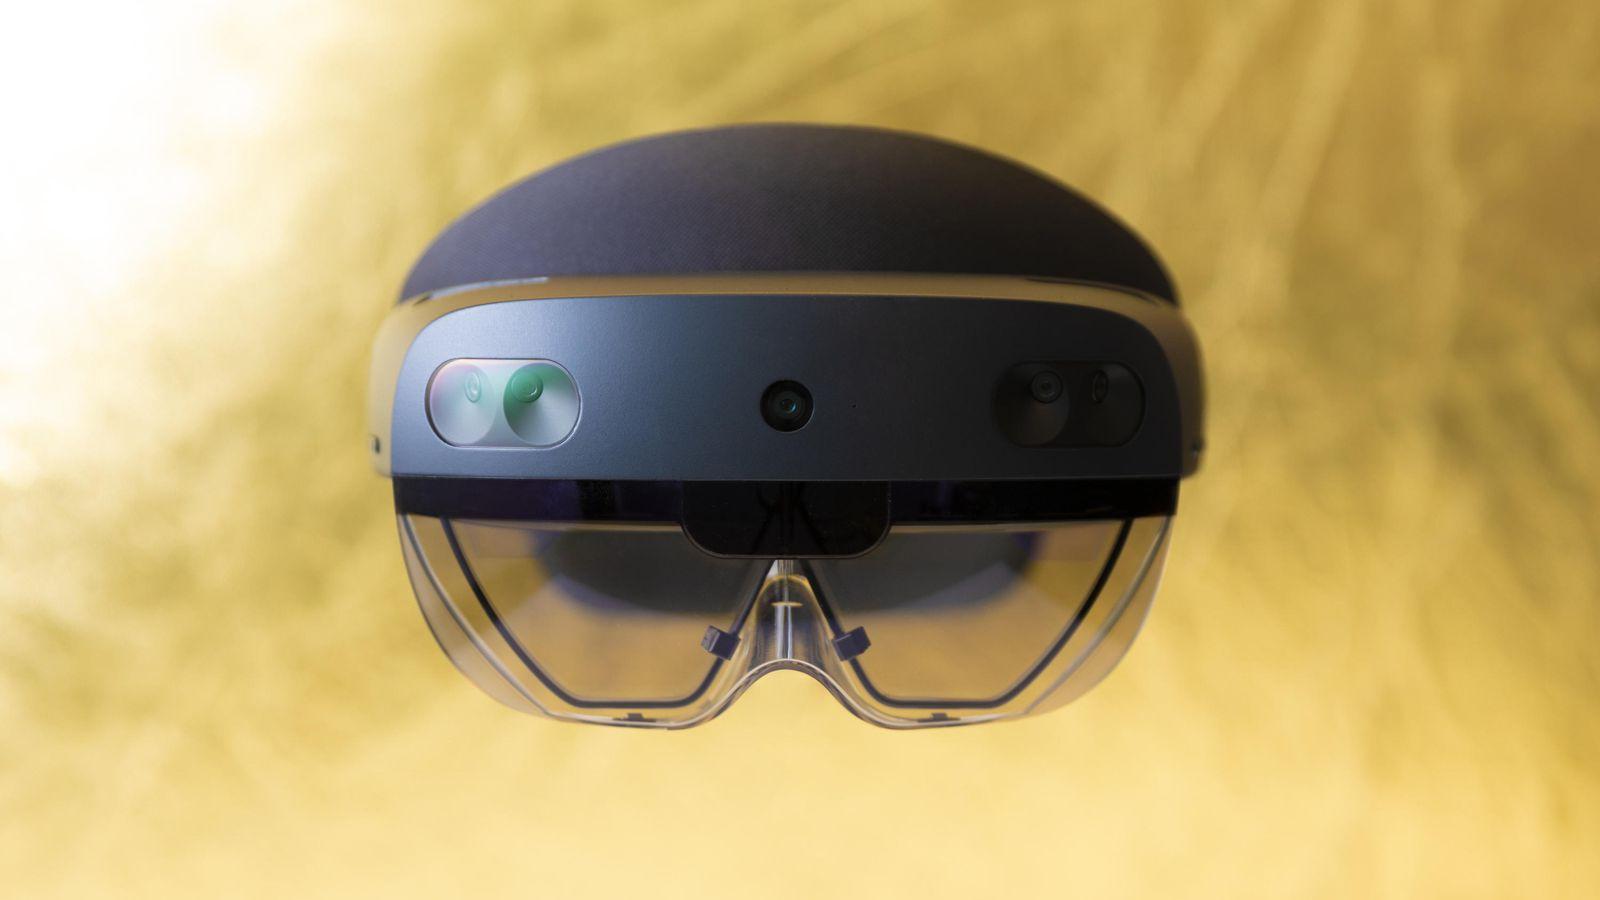 HoIoLens 2 功能提升 发售时间未定